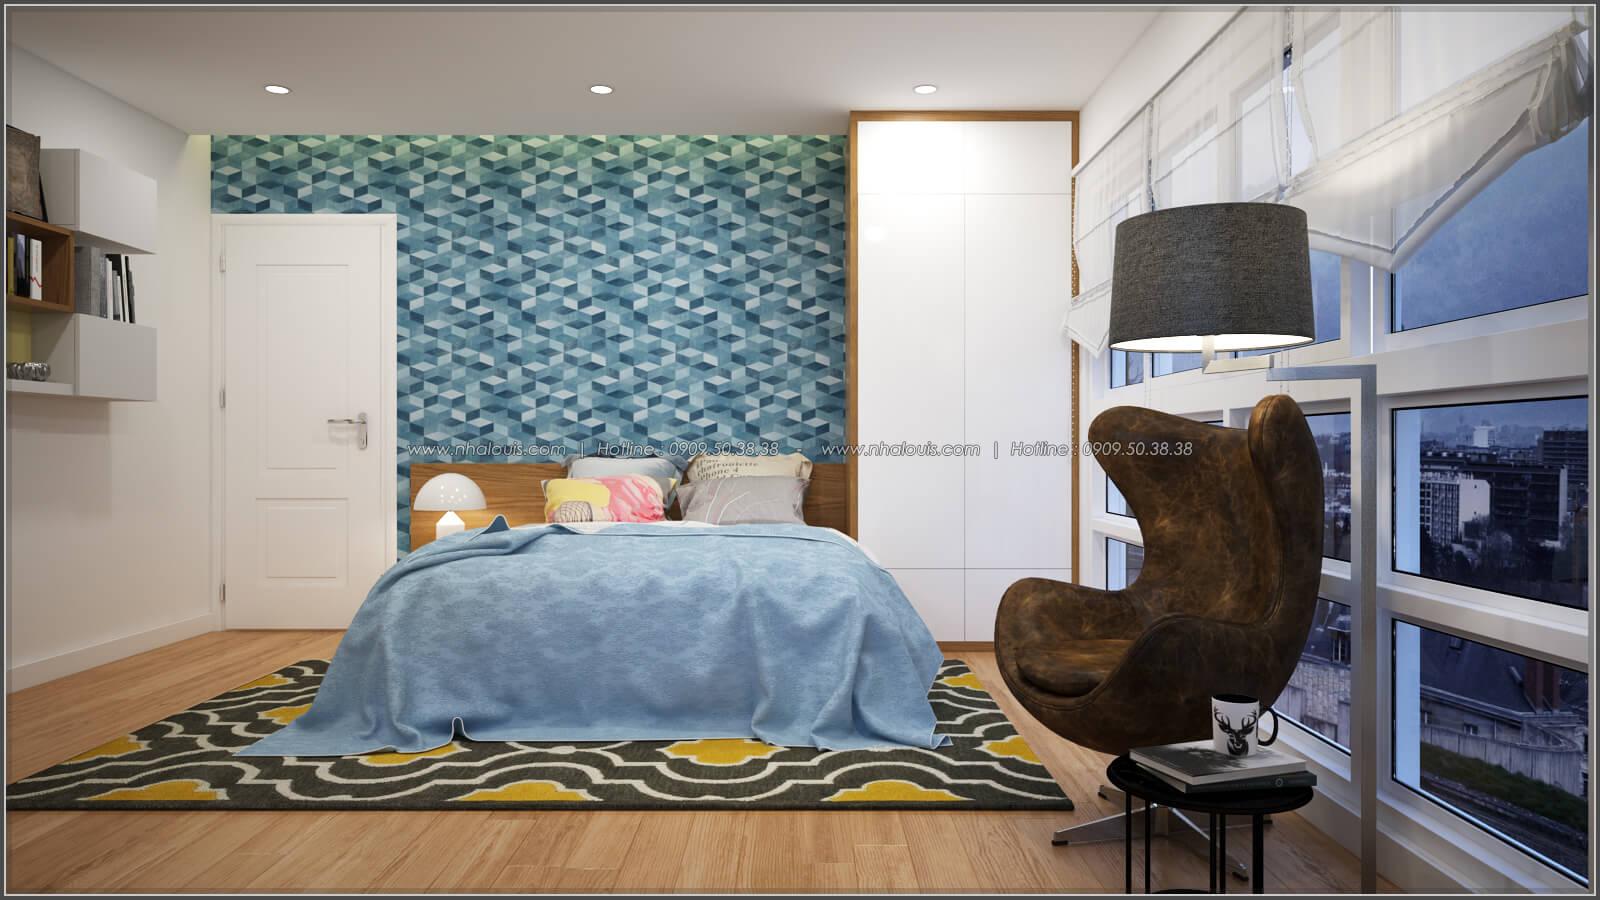 Phòng ngủ Thiết kế căn hộ chung cư 3 phòng ngủ Happy Valley quận 7 - 8